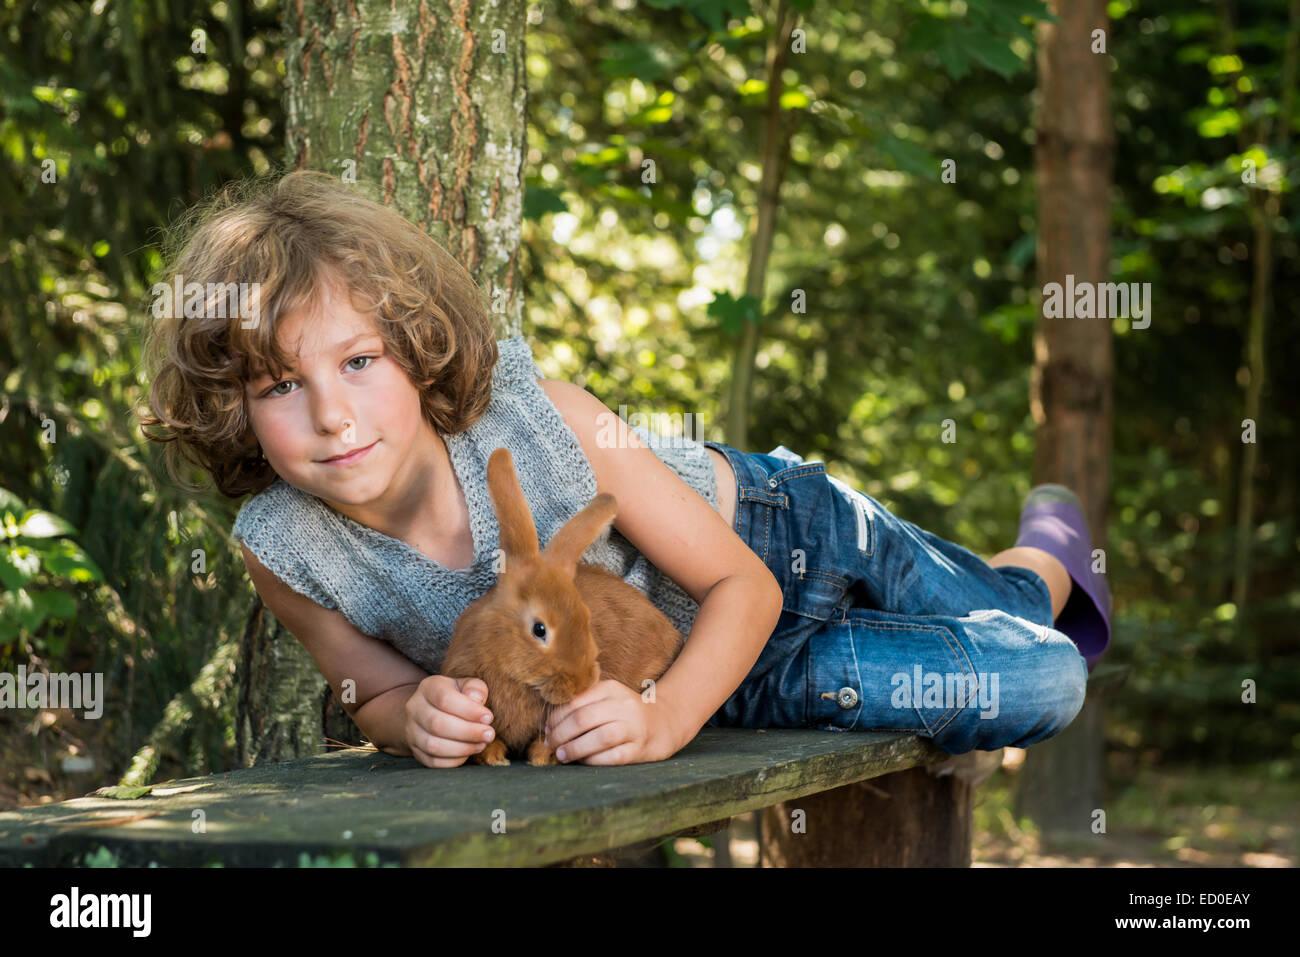 Boy (6-7) la celebración de mascota conejo y acostado en un banco en el bosque Imagen De Stock